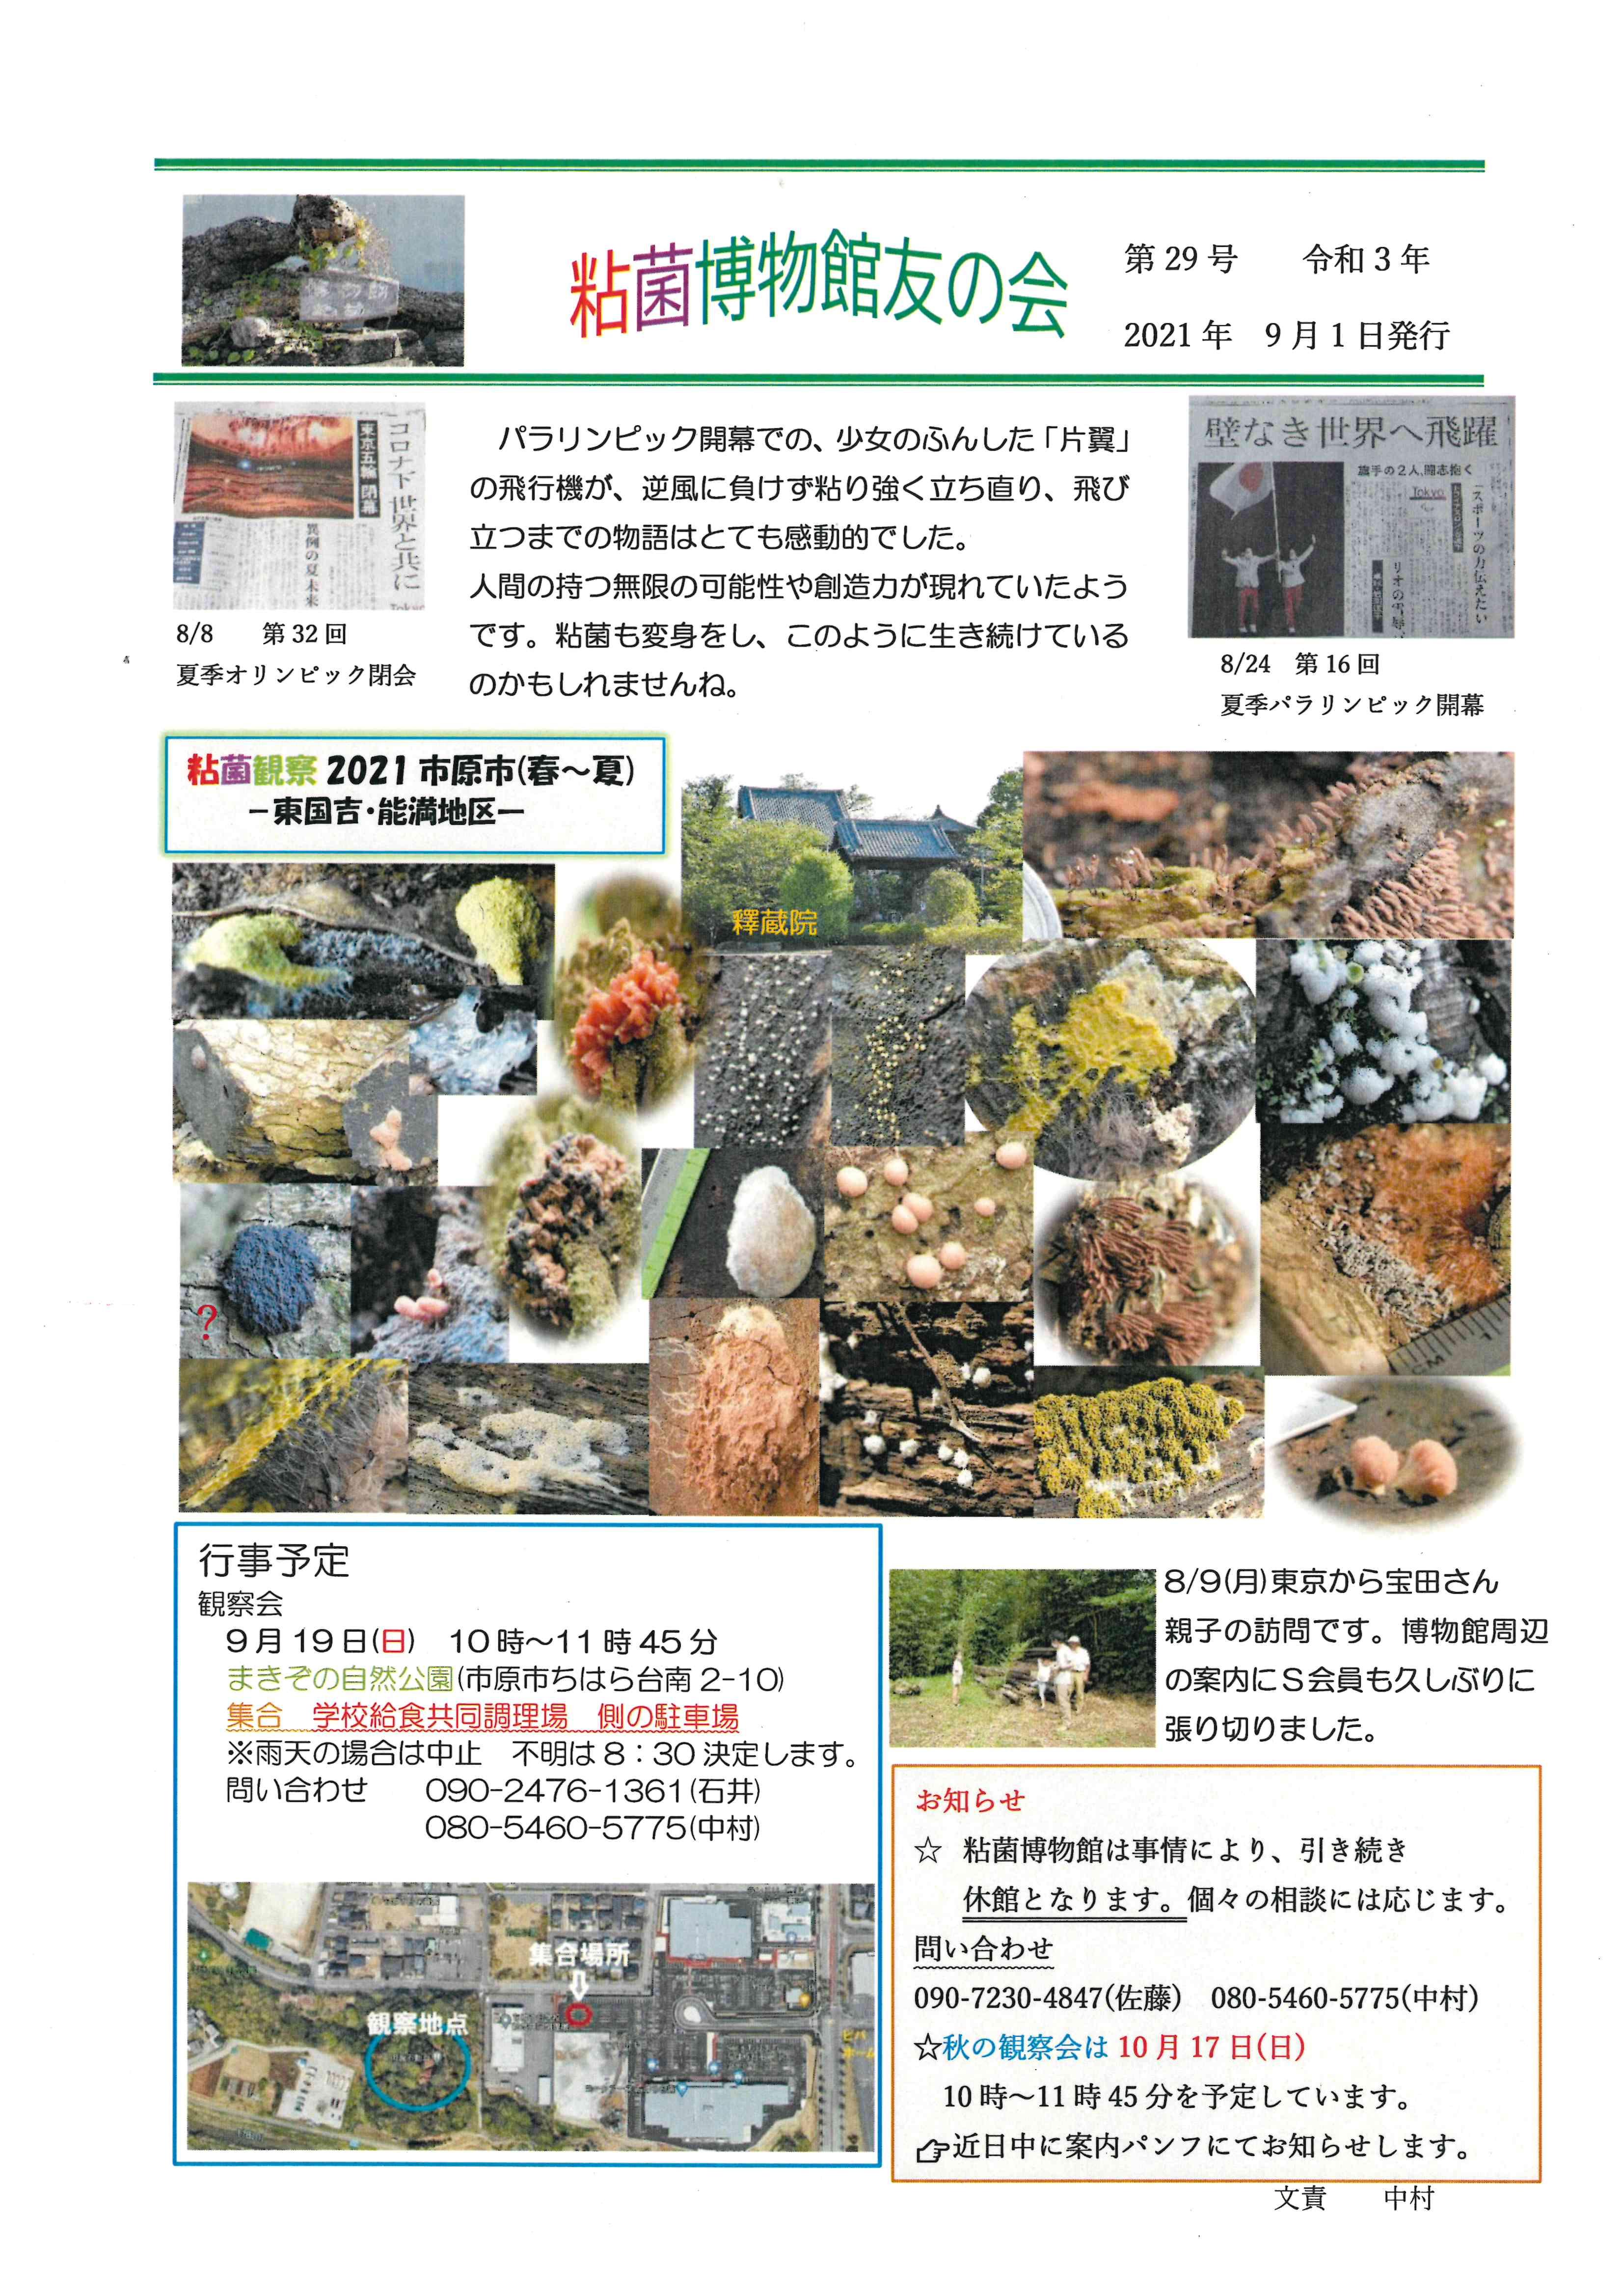 粘菌博物館友の会 会報第29号